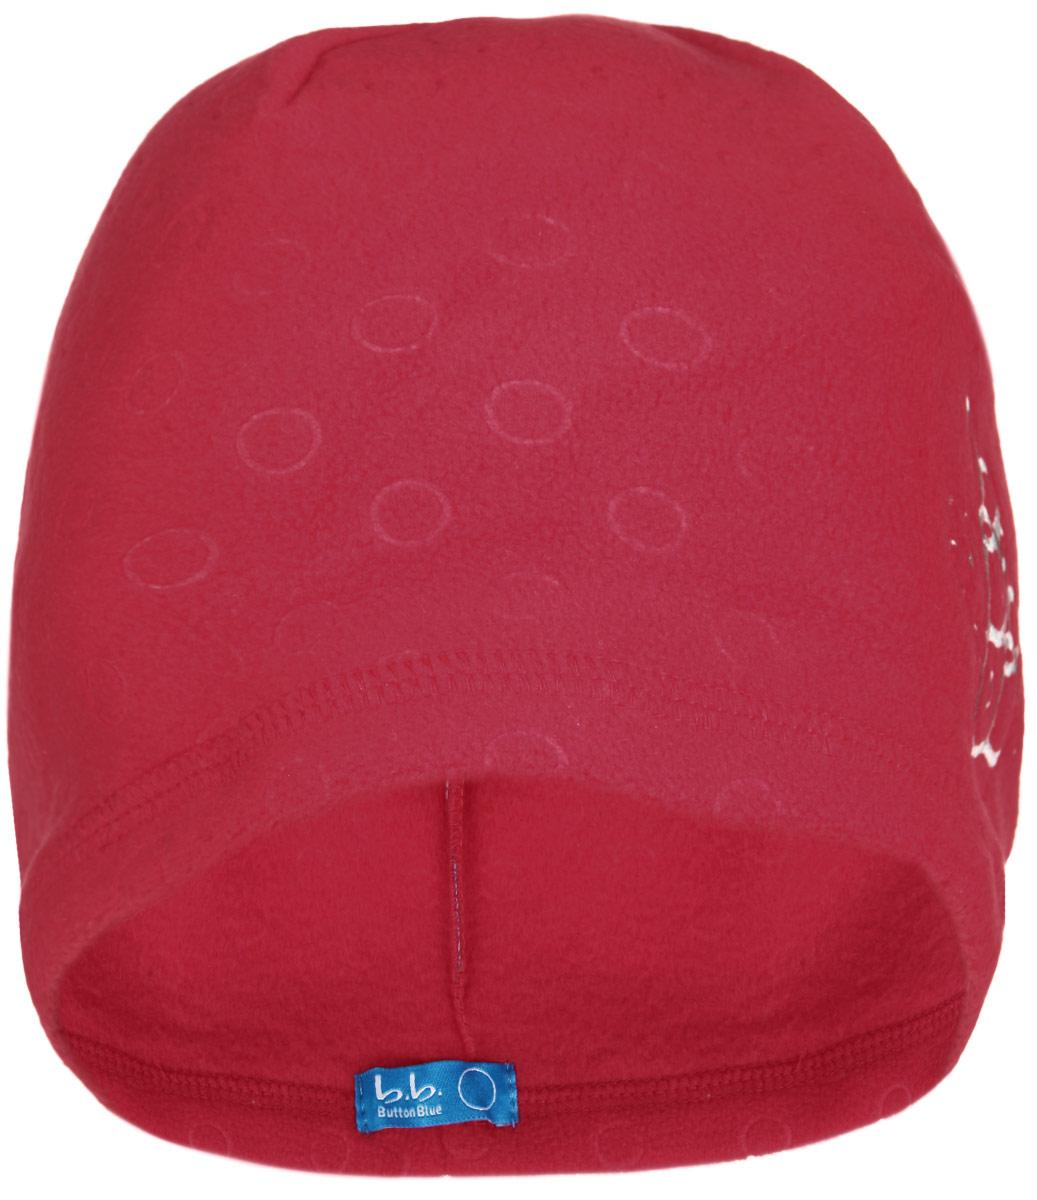 Шапка для девочки Button Blue, цвет: красный. 116BBGB7308. Размер 56, 12-13 лет116BBGB7308Стильная теплая шапка для девочки Button Blue идеально подойдет для прогулок и активных игр в холодное время года. Шапка выполнена из флиса, она невероятно мягкая и приятная на ощупь, великолепно тянется и удобно сидит. Такая шапочка отлично дополнит любой наряд. Шапка украшена вышивкой в виде стилизованных букв BB.Удобная шапка станет модным и стильным дополнением гардероба вашей маленькой принцессы, надежно защитит ее от холода и ветра, и поднимет ей настроение даже в пасмурные дни! Уважаемые клиенты!Размер, доступный для заказа, является обхватом головы.